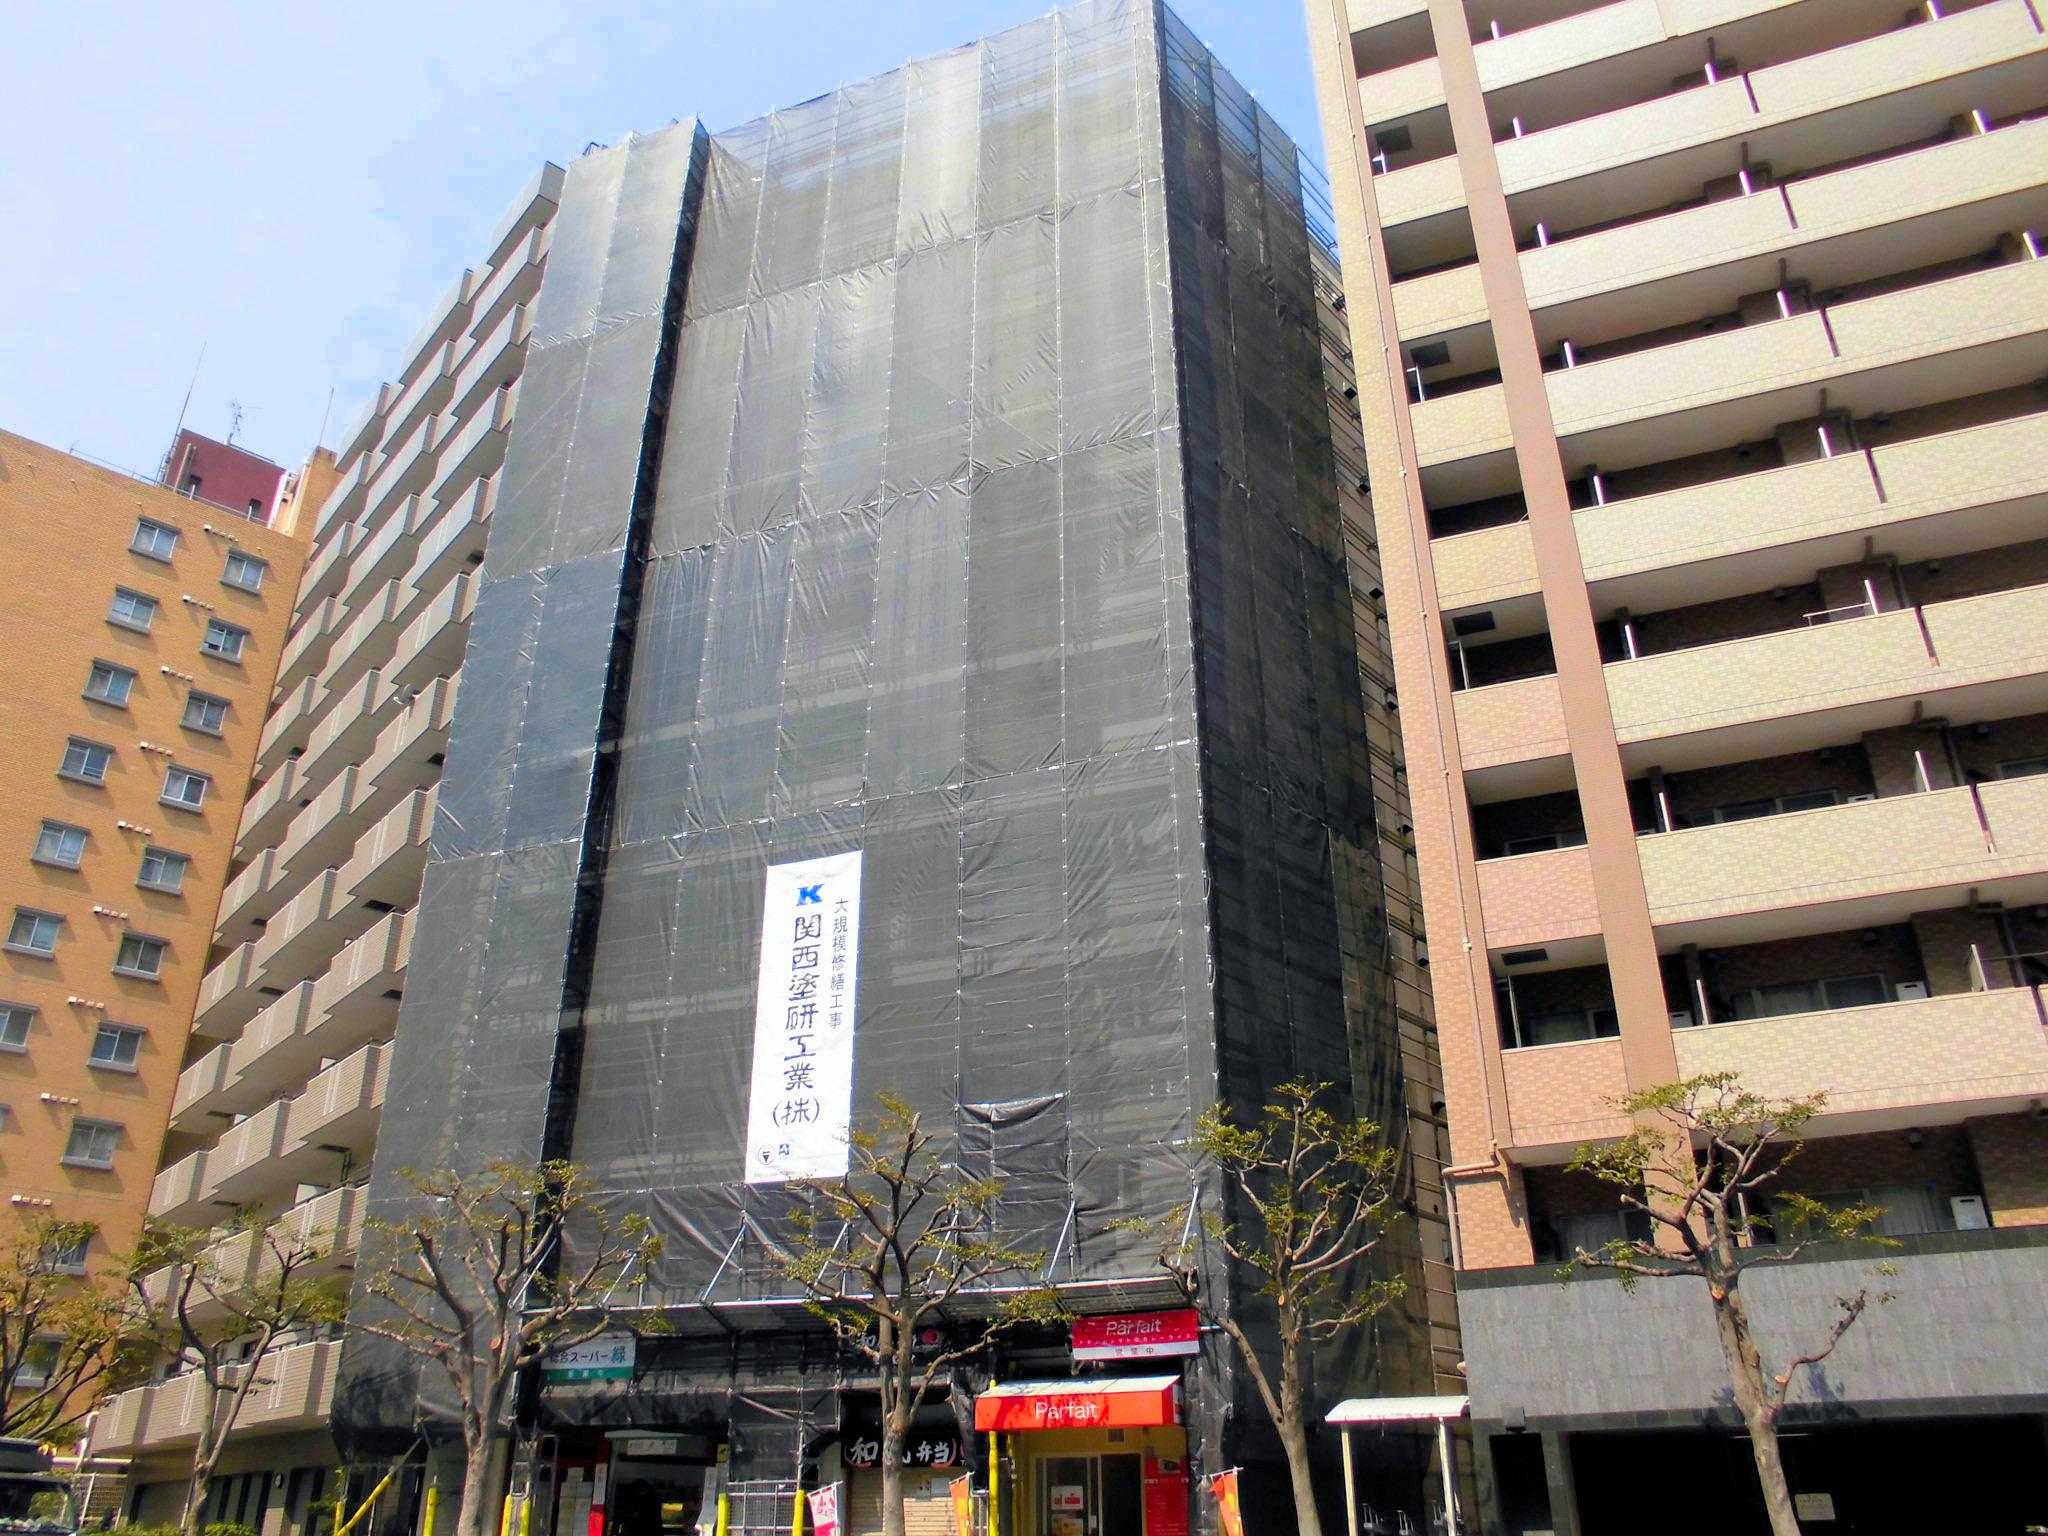 甲南メゾン三ノ宮大規模修繕工事(兵庫県神戸市)